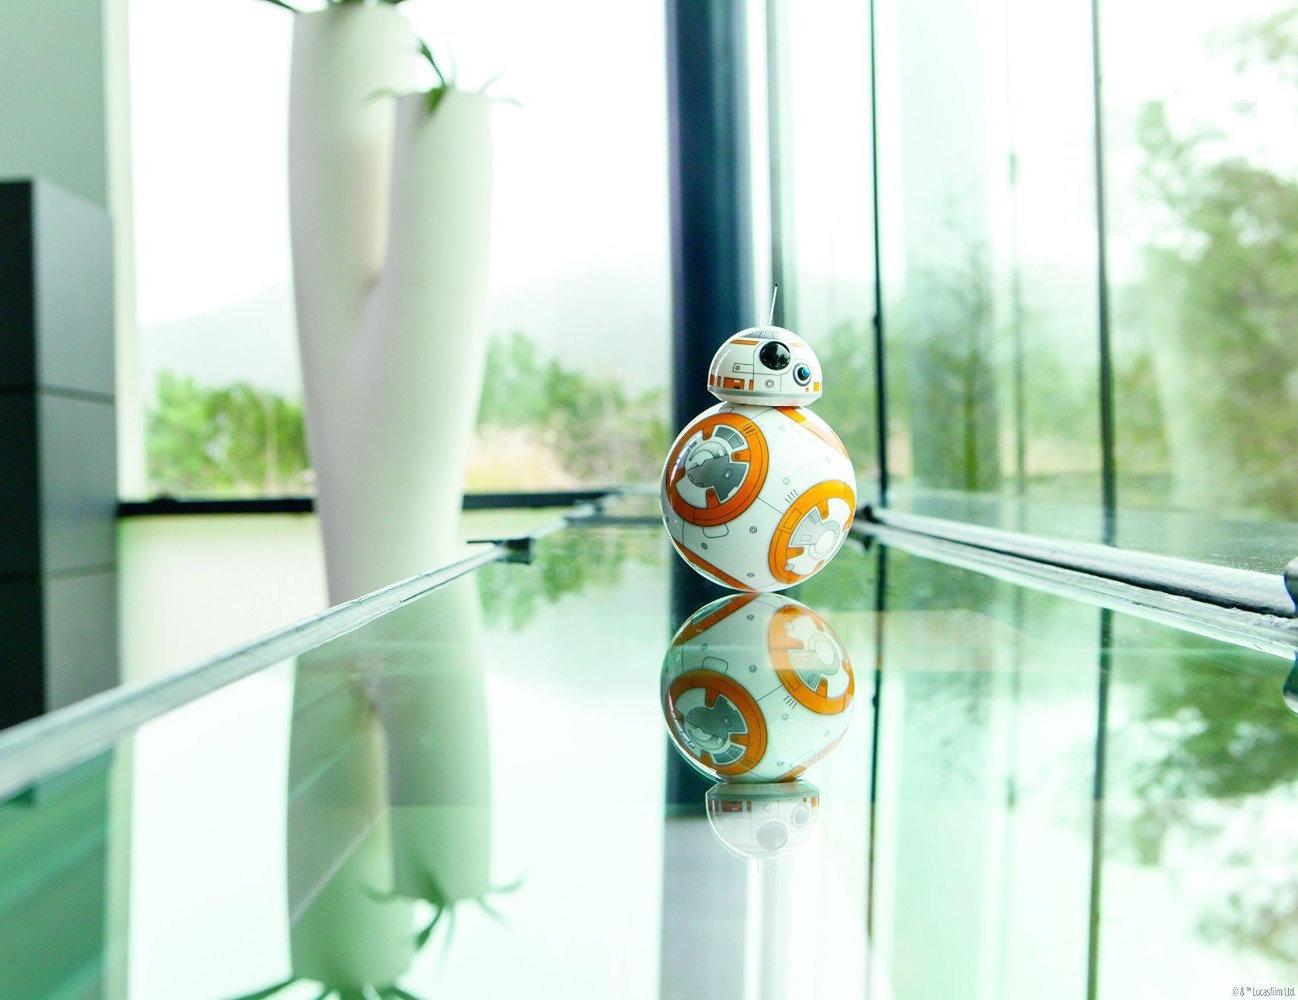 sphero-bb-8-ultimate-star-wars-droid-04